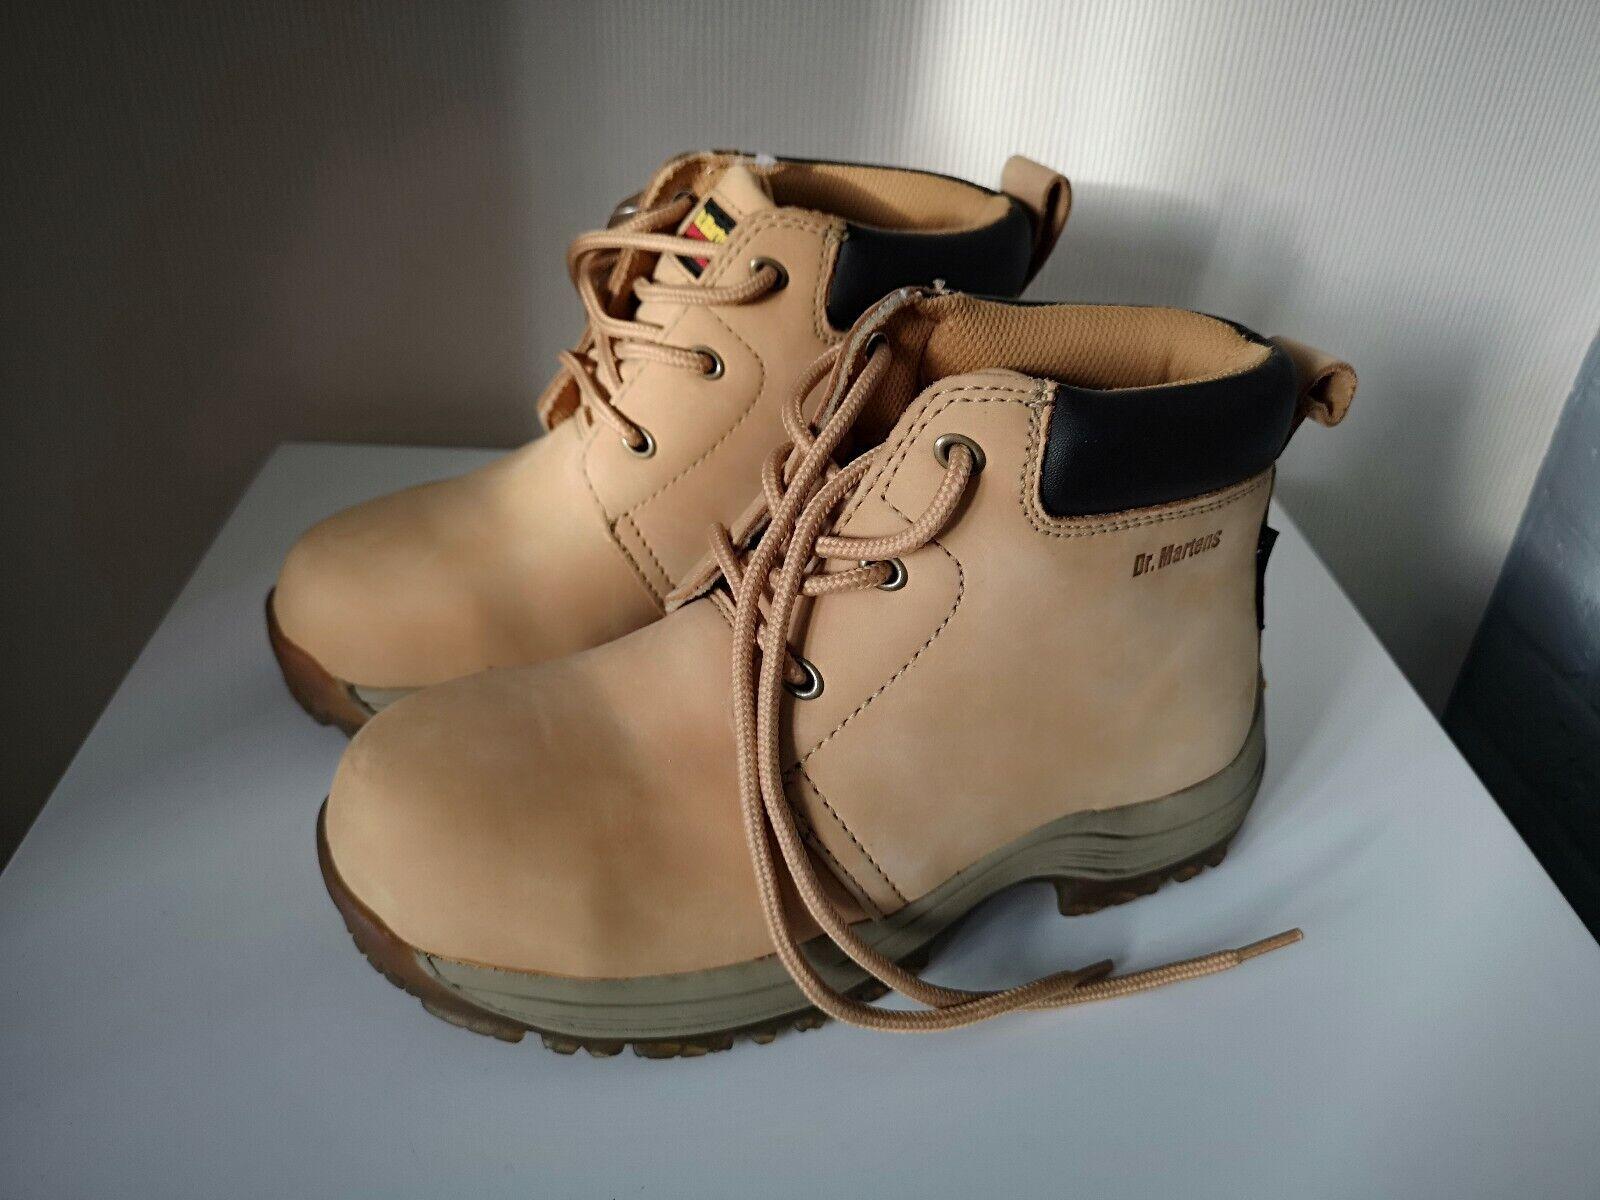 all'ingrosso economico e di alta qualità DR Martens Miele Nubuck Stivali industriale. Boho Boho Boho Grunge Festival Misura 3 NUOVO SENZA SCATOLA  in vendita